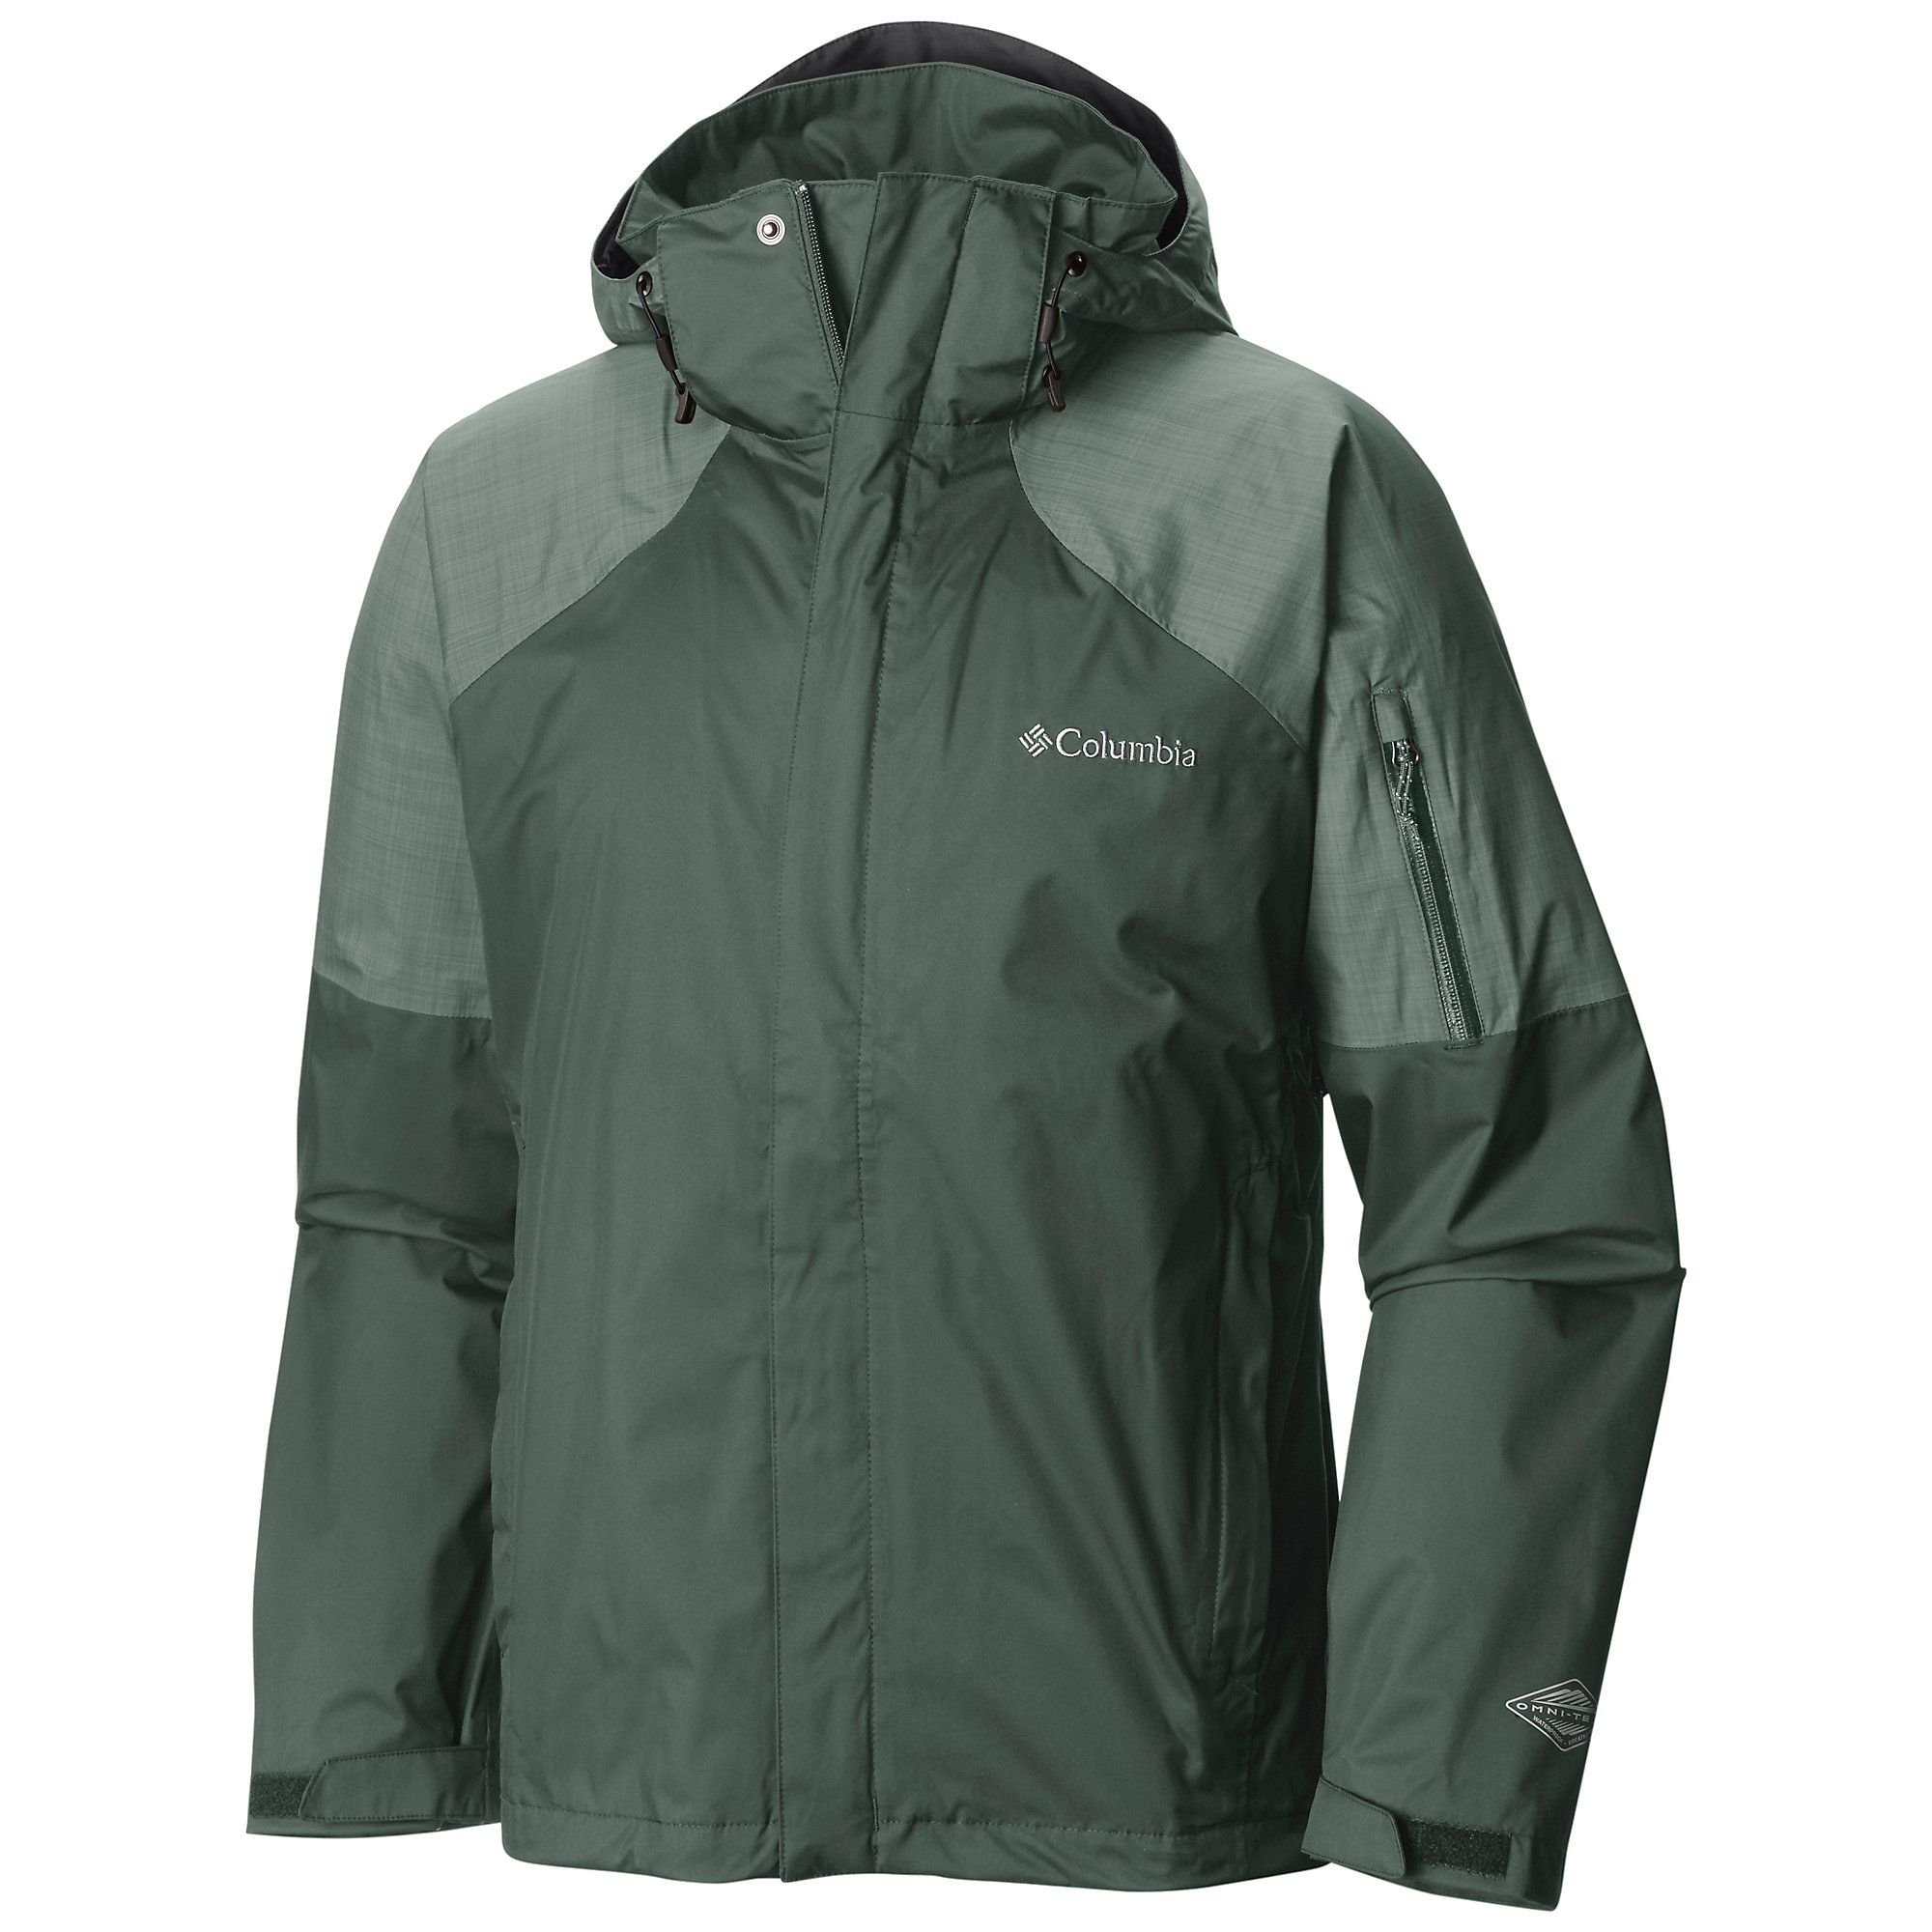 Columbia Heater Change Jacket